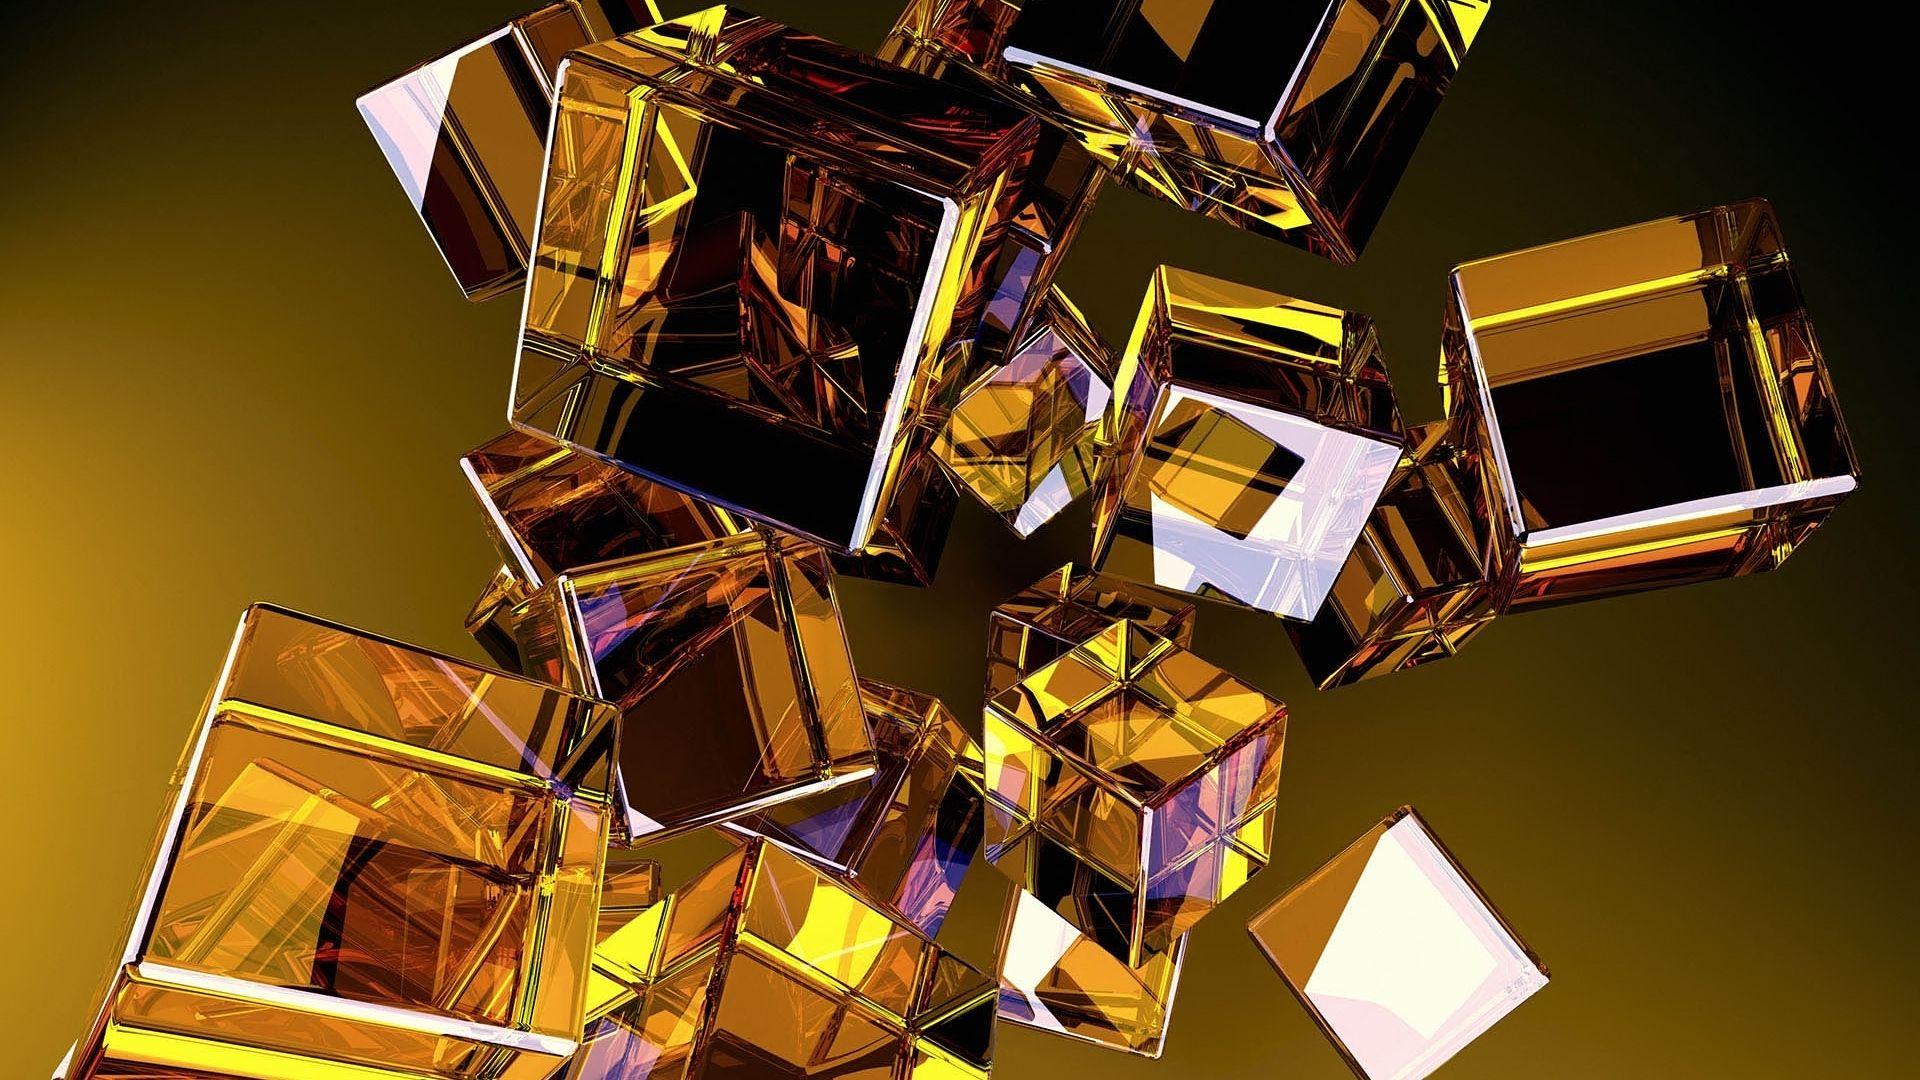 3d Glass Cubes Gold Wallpaper Wallpaper 3d Wallpaper